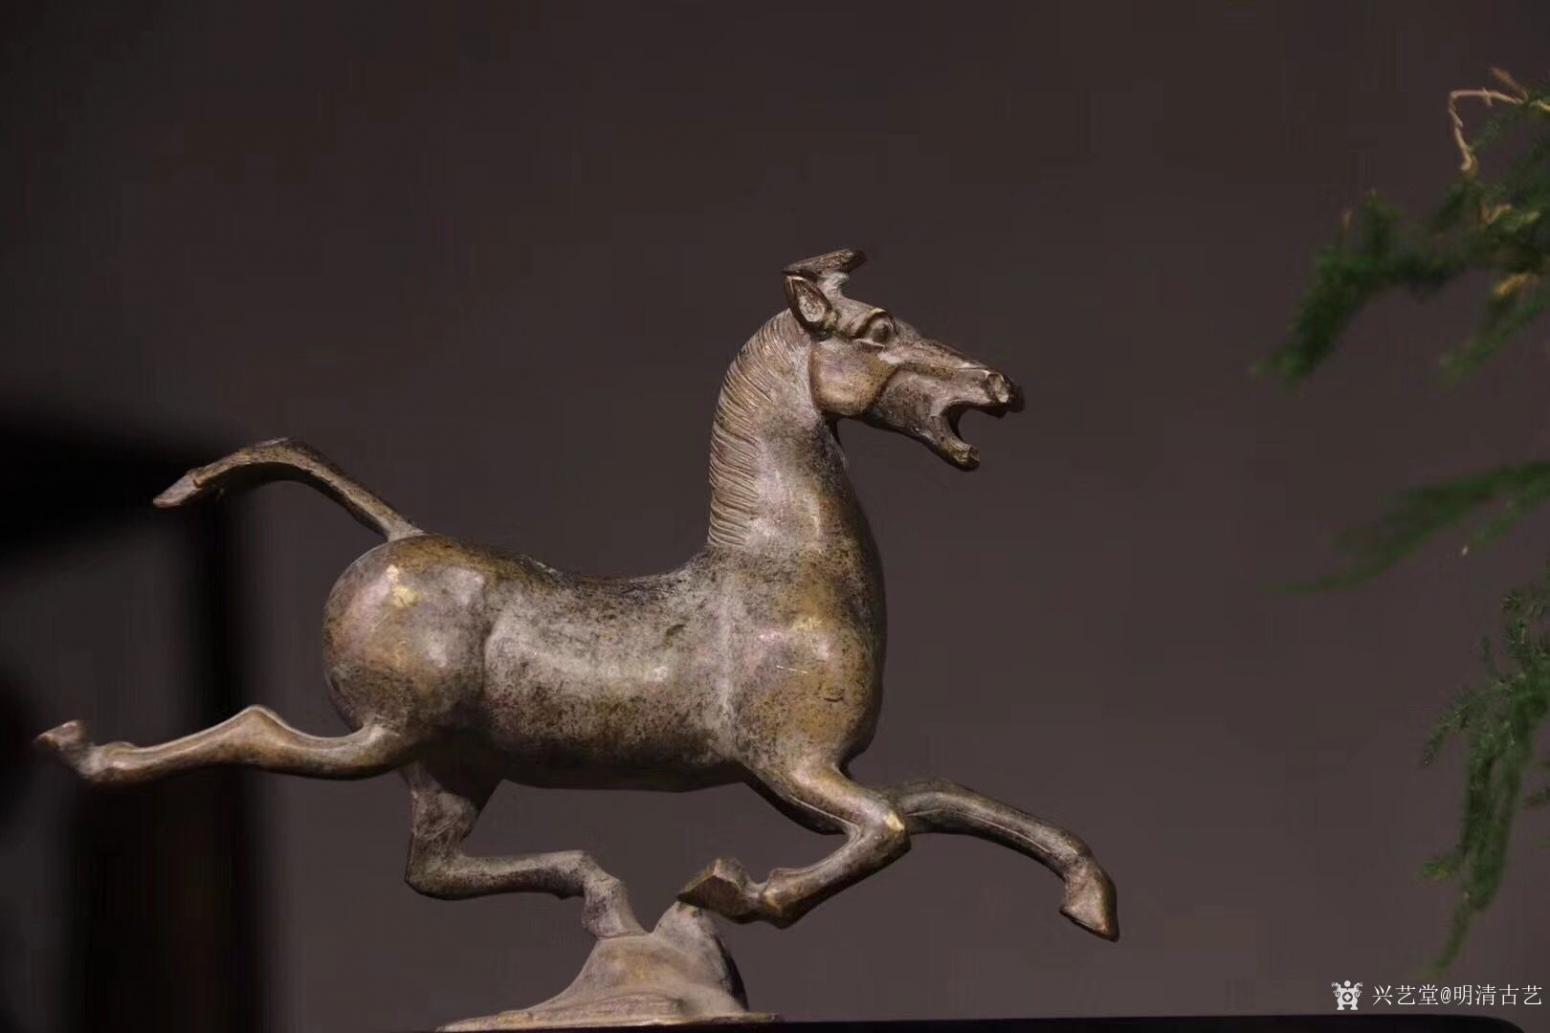 明清古艺雕刻作品《马踏飞燕.铜》【图3】